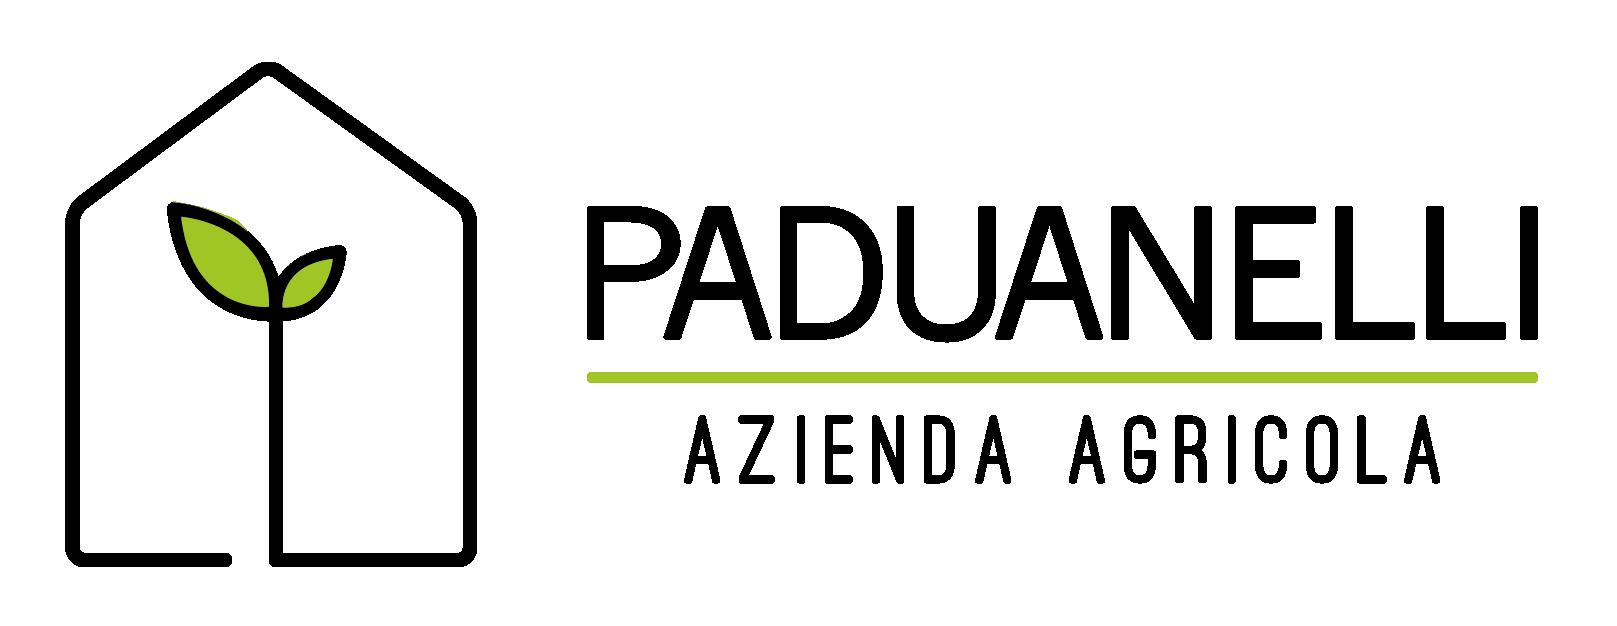 Agricola Paduanelli